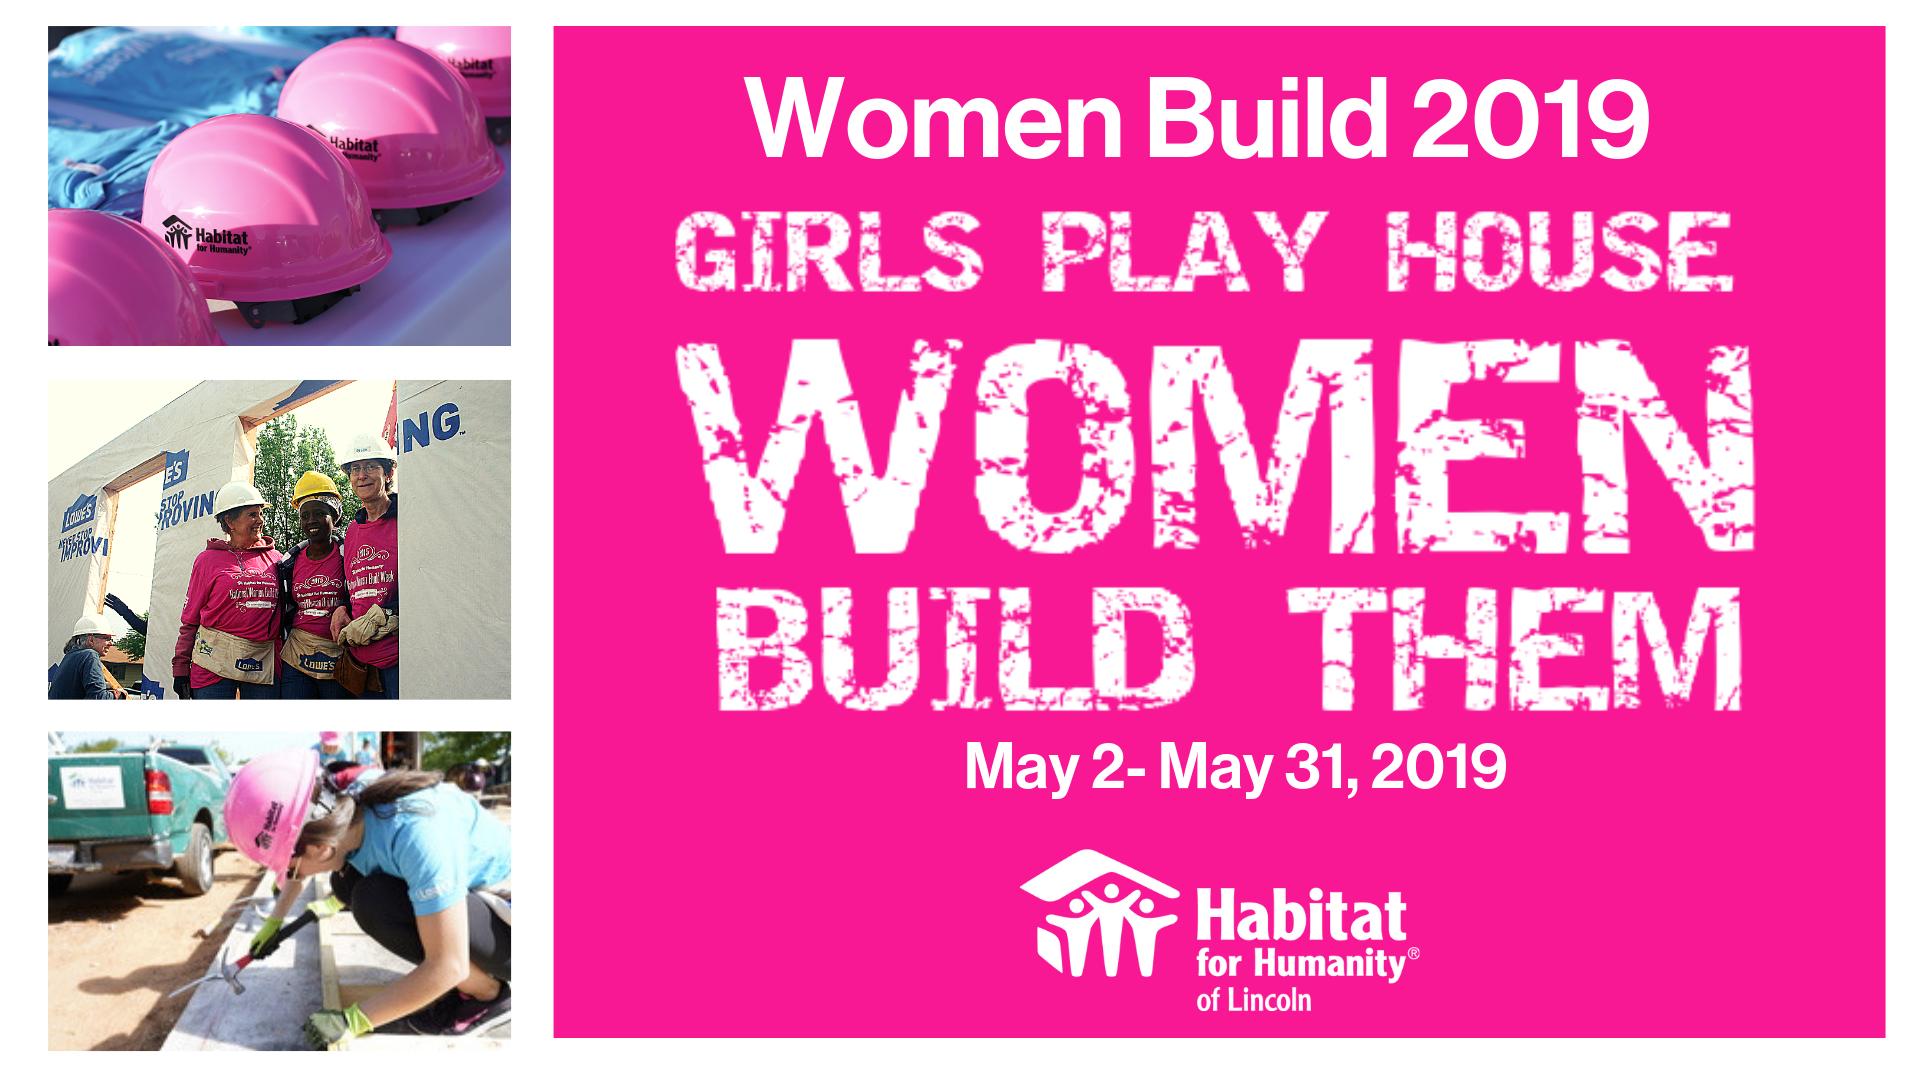 Women Build 2019